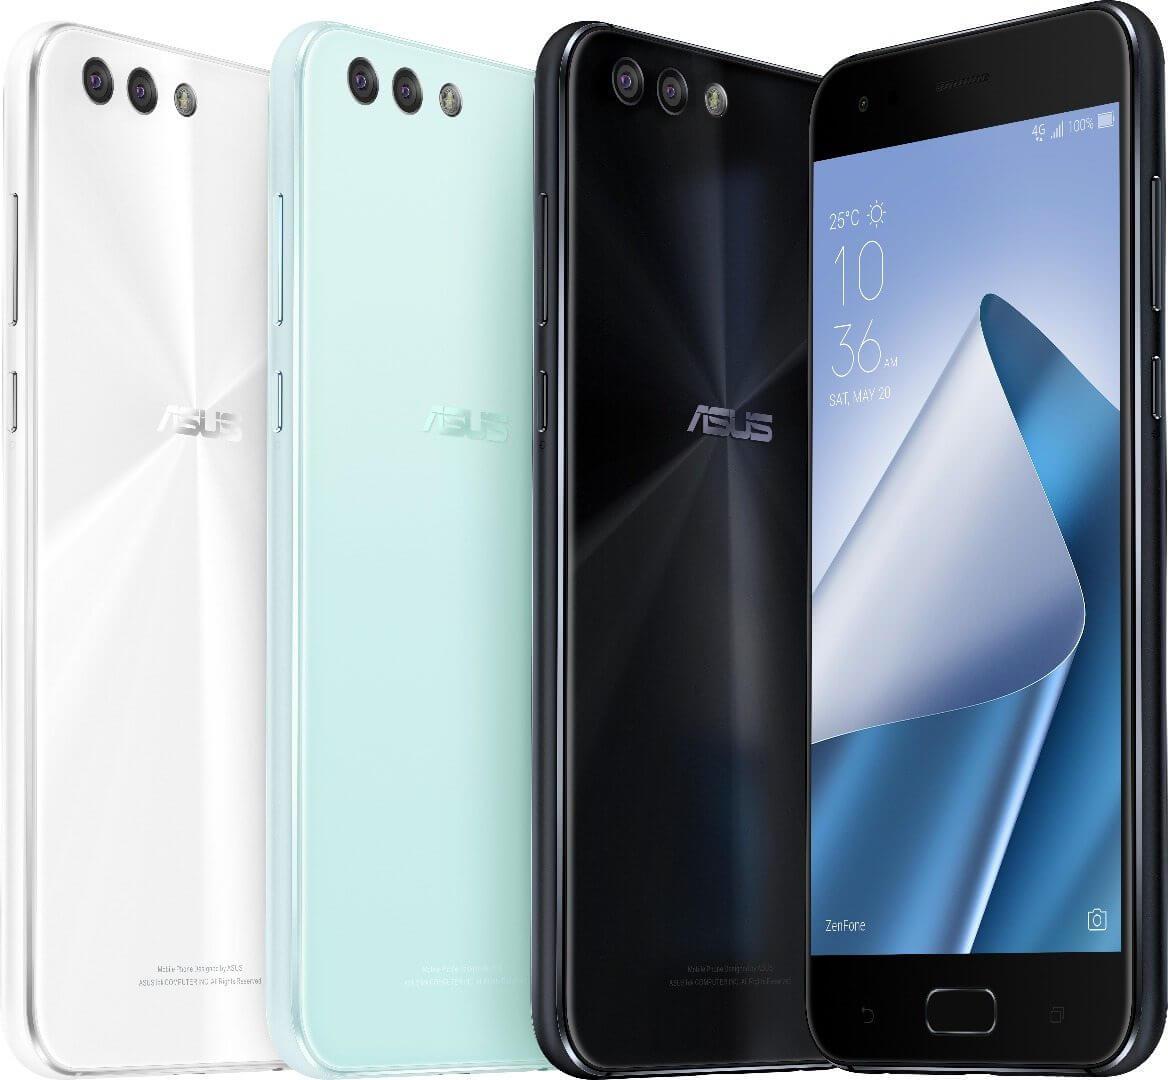 ZenFone 4 1 - Confira os melhores smartphones top de linha para comprar no Natal